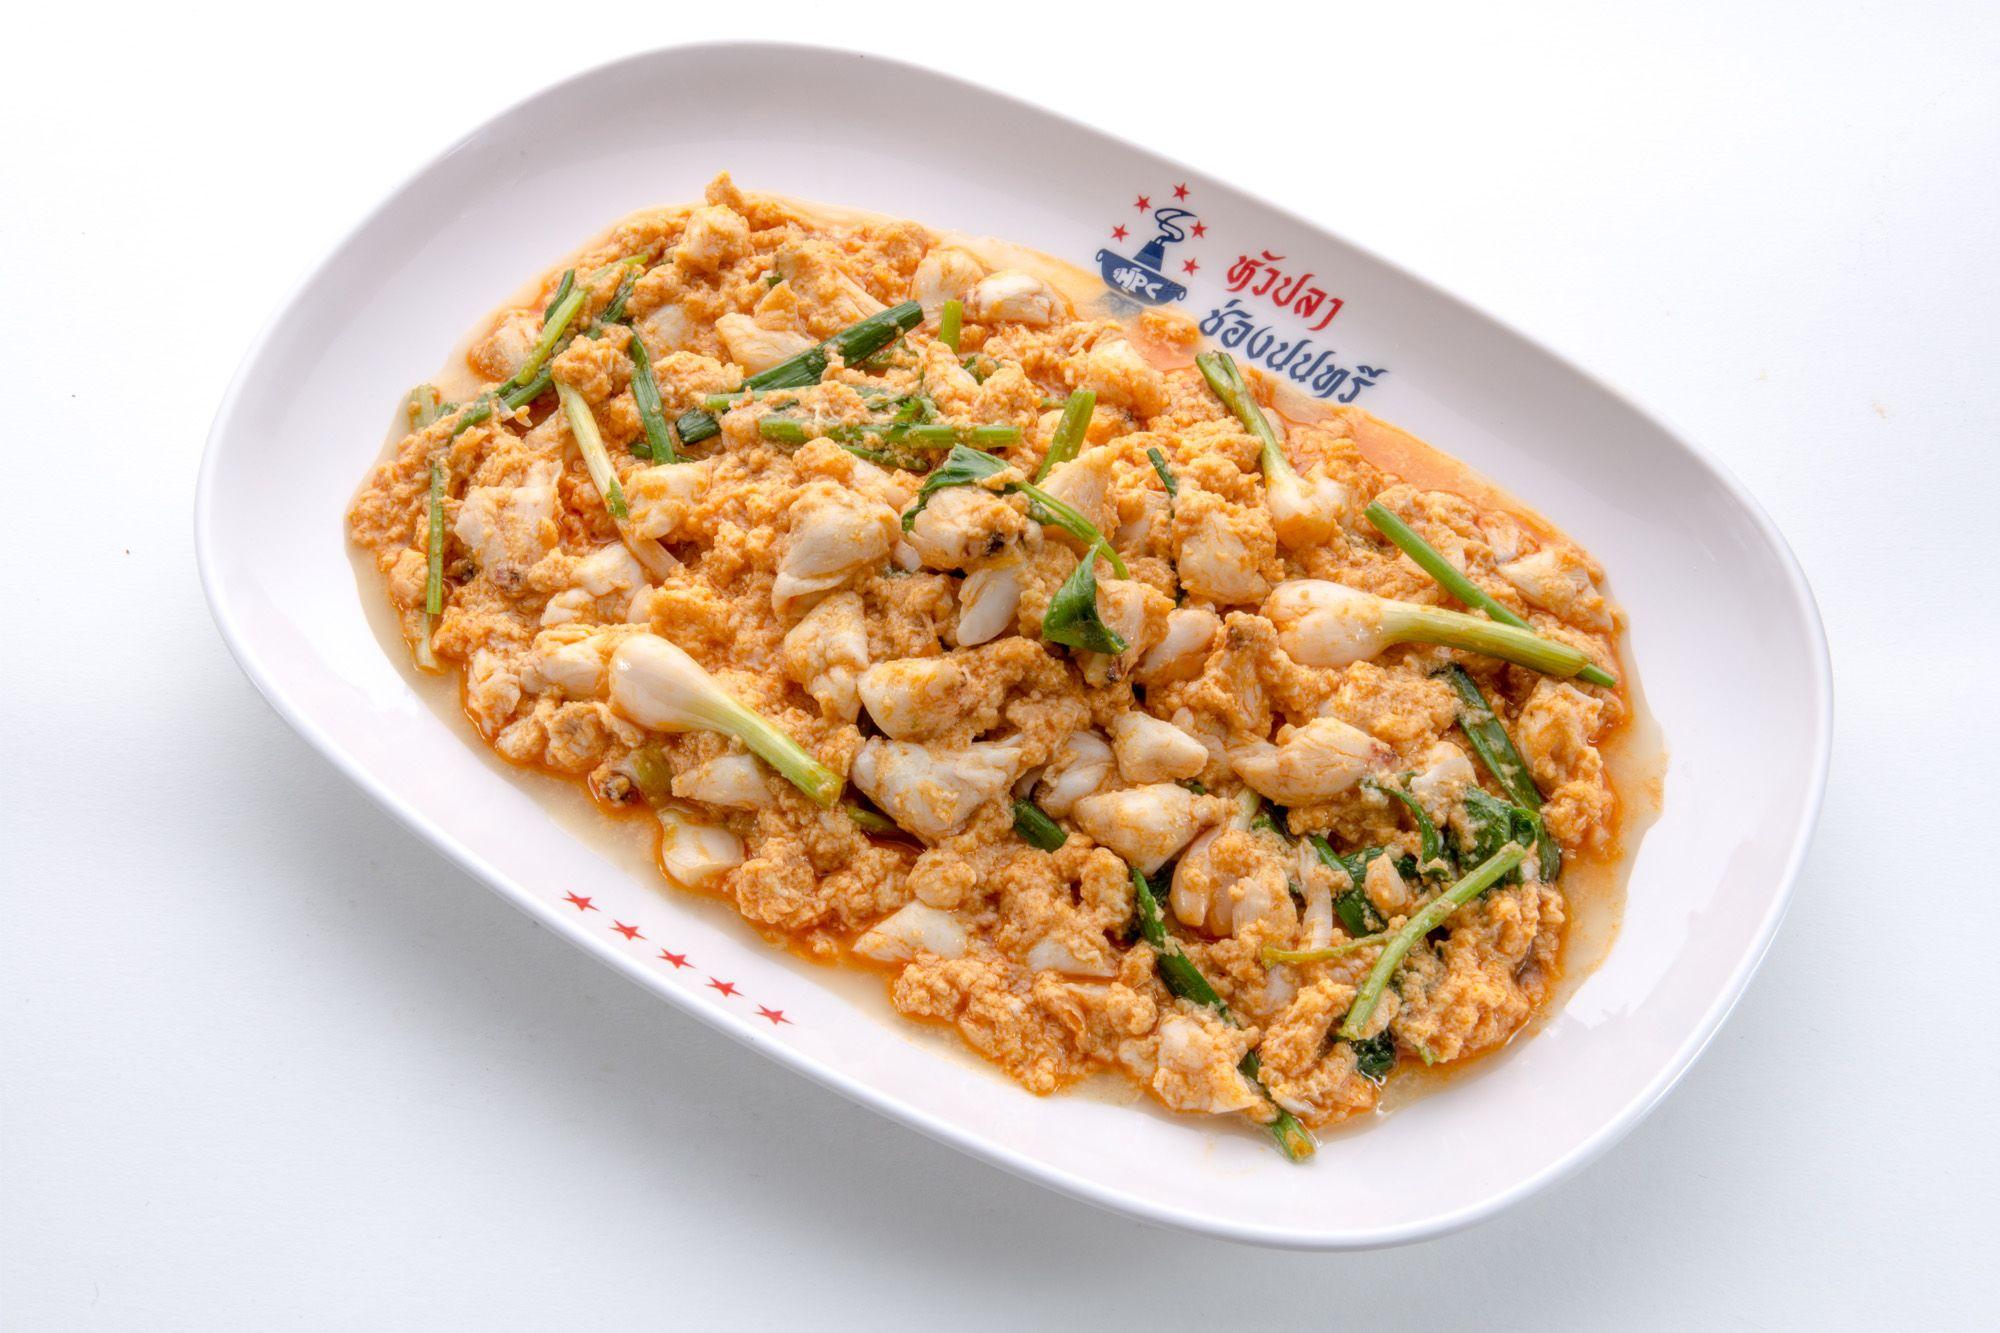 泰國魚頭爐推薦菜色之一,咖哩蟹深受客人喜愛。